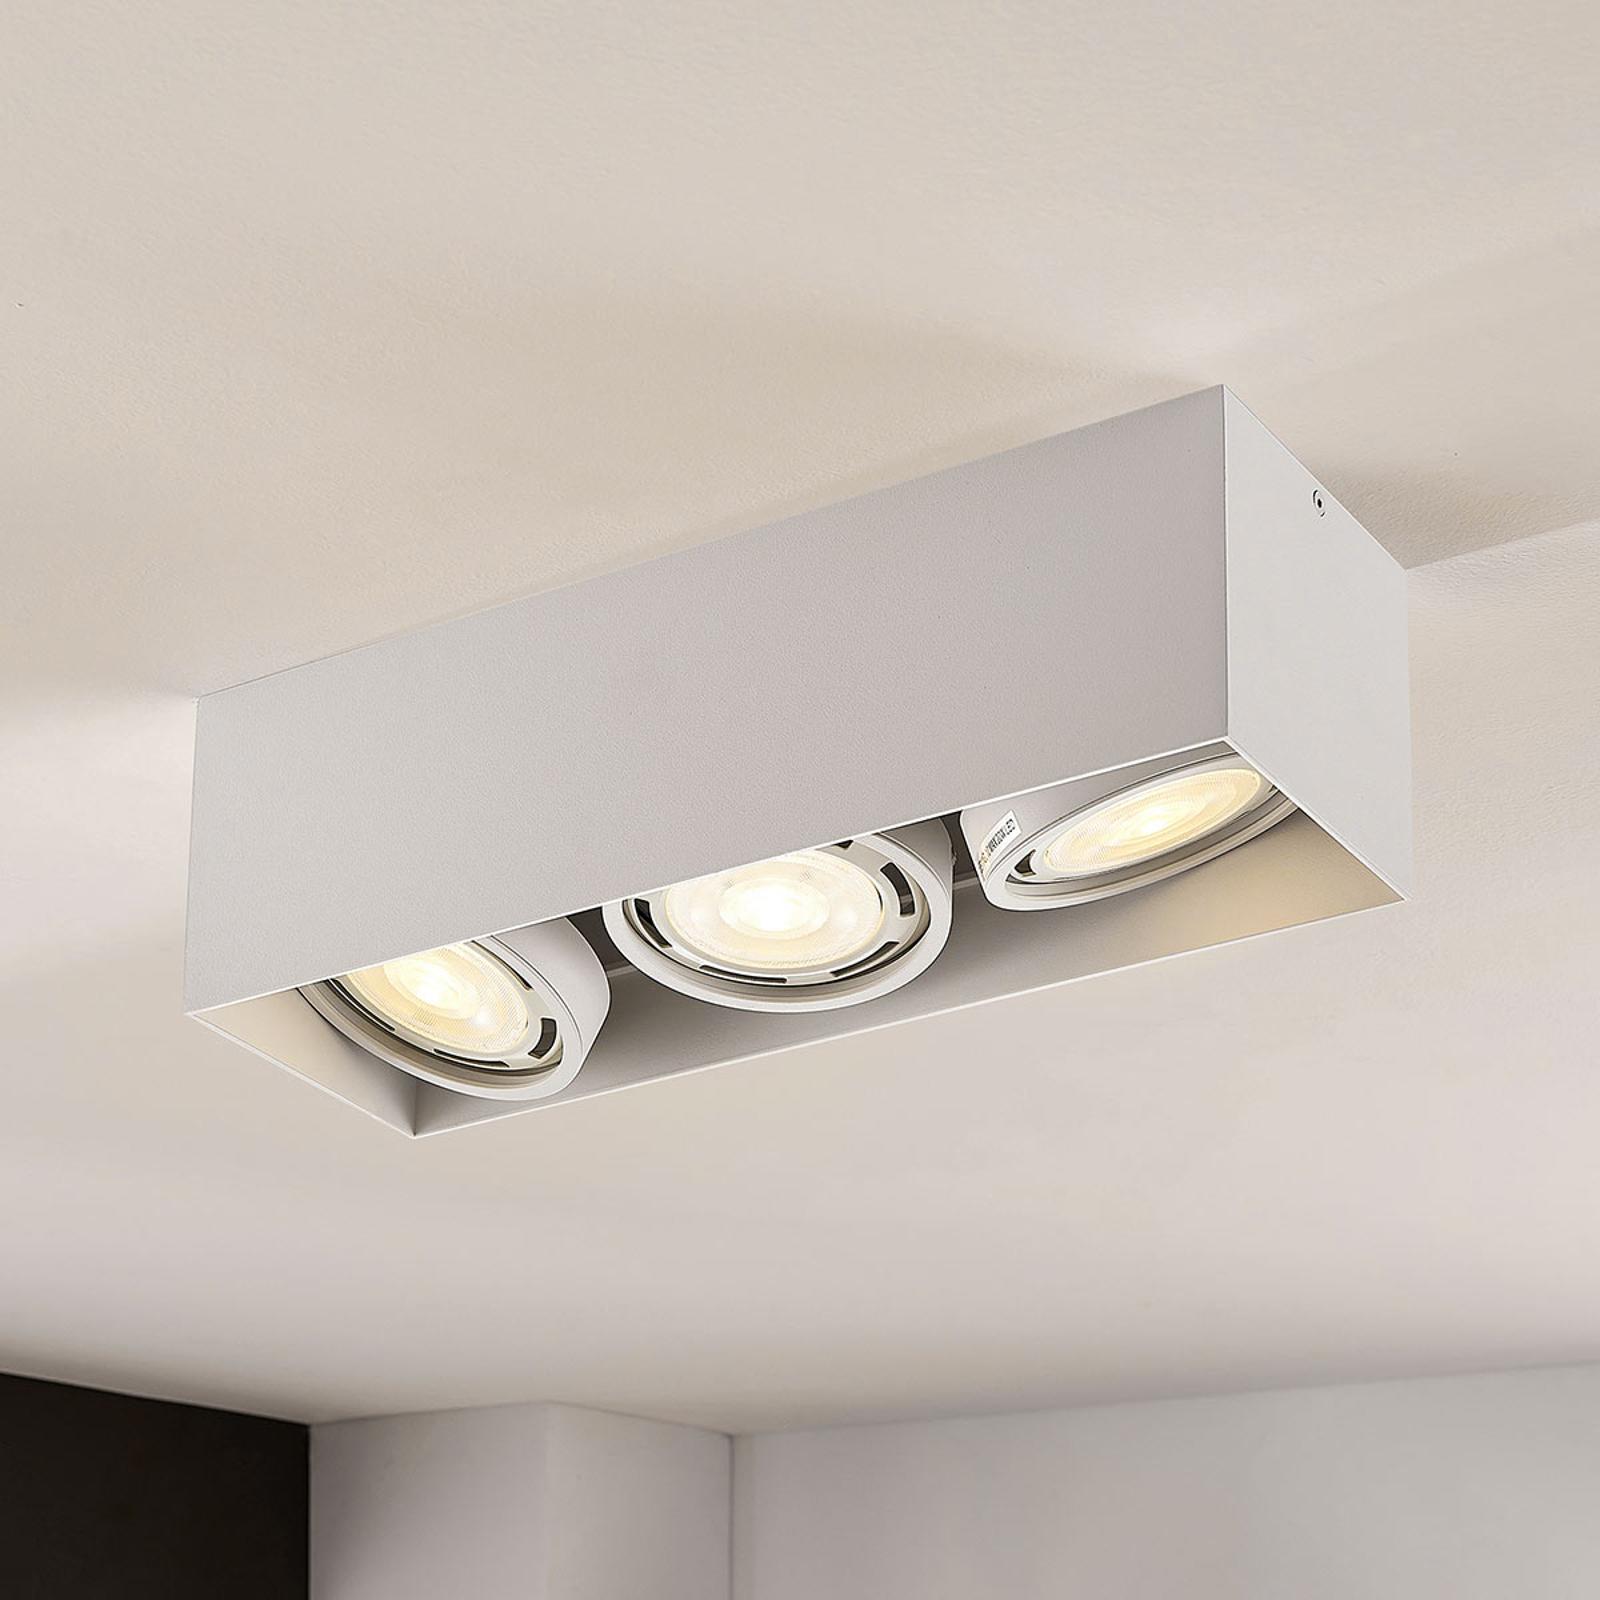 LED downlight Rosalie, dimbaar hoekig 3-lamps wit